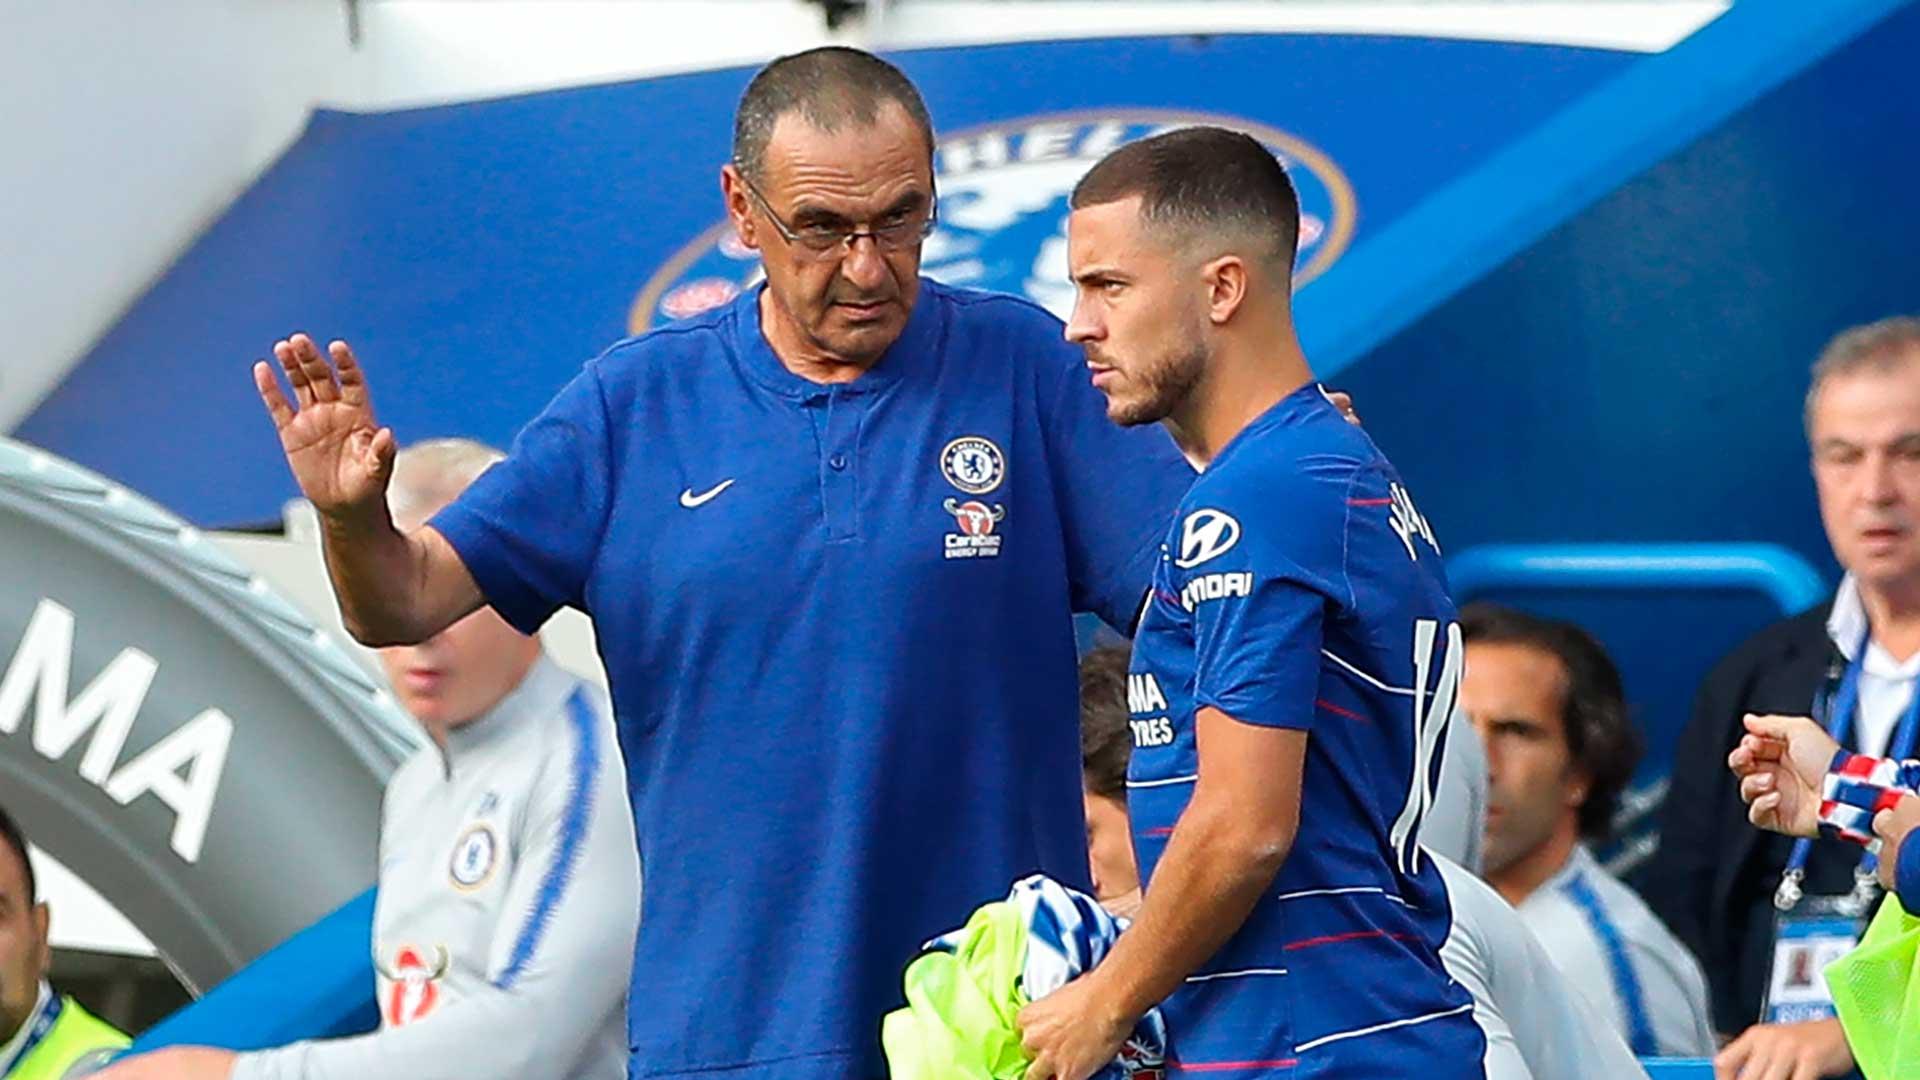 Maurizio Sarri challenges Eden Hazard after Chelsea FC hat-trick